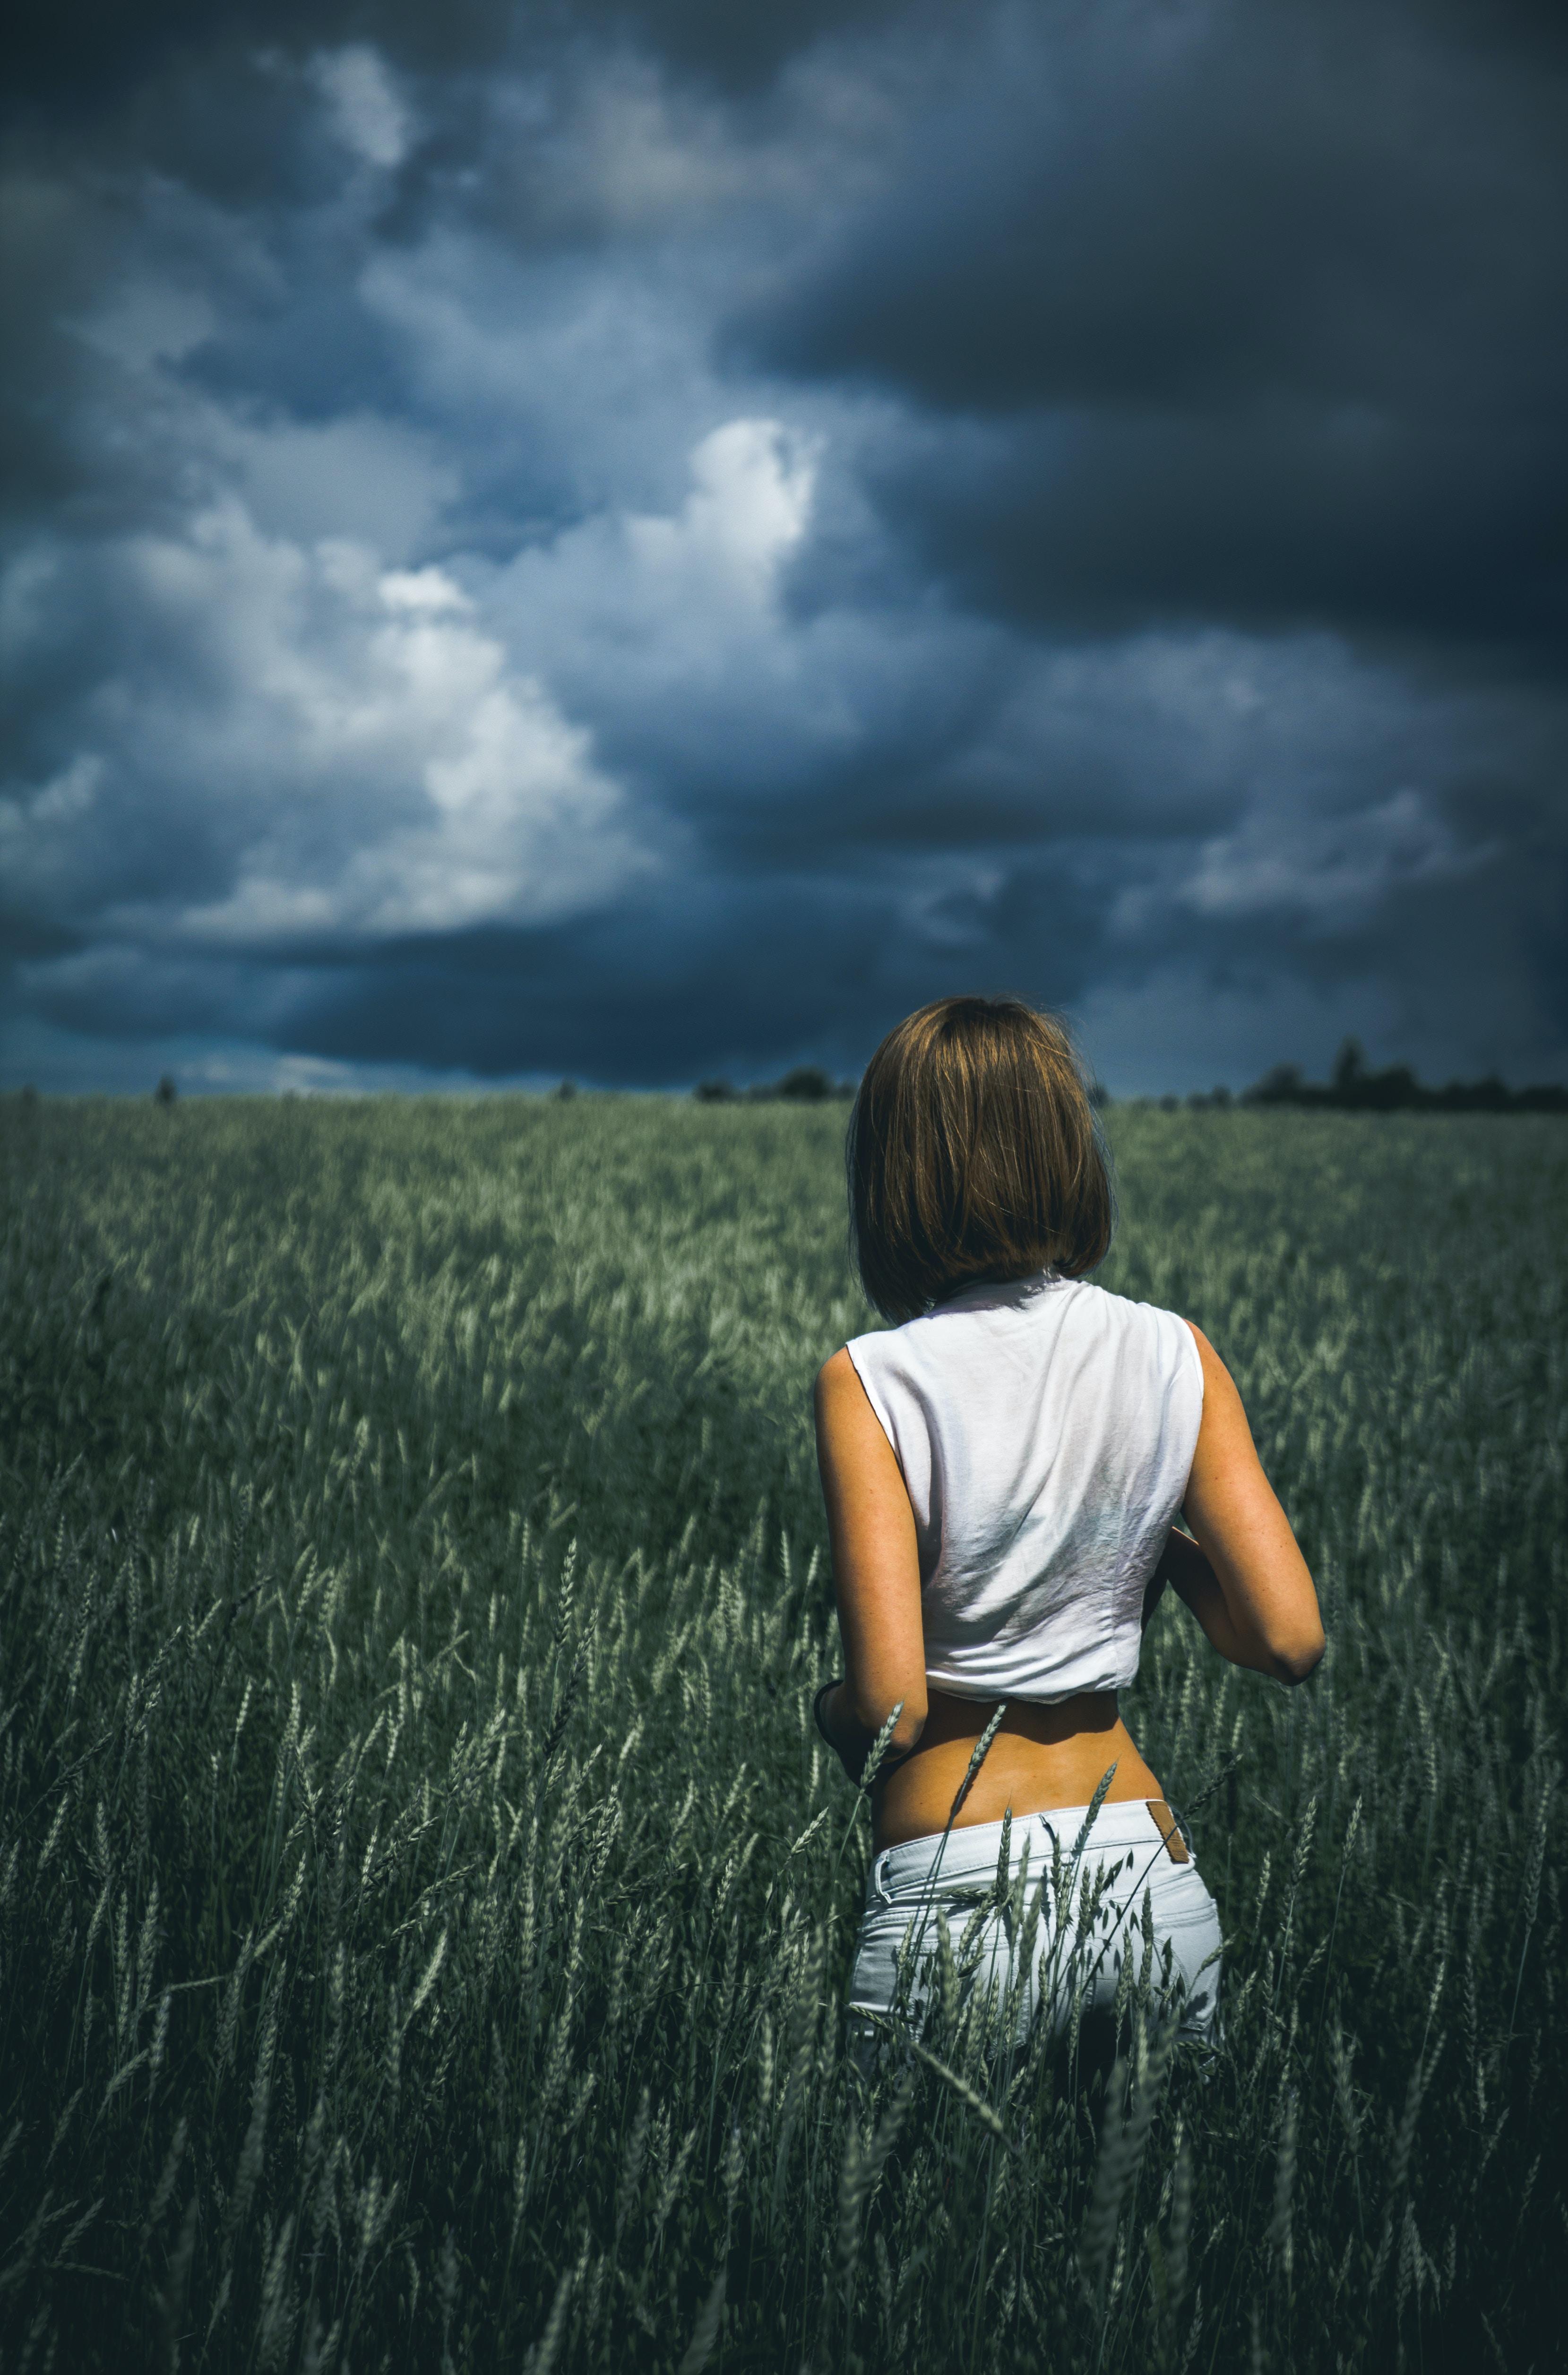 woman in sleeveless top on plants field